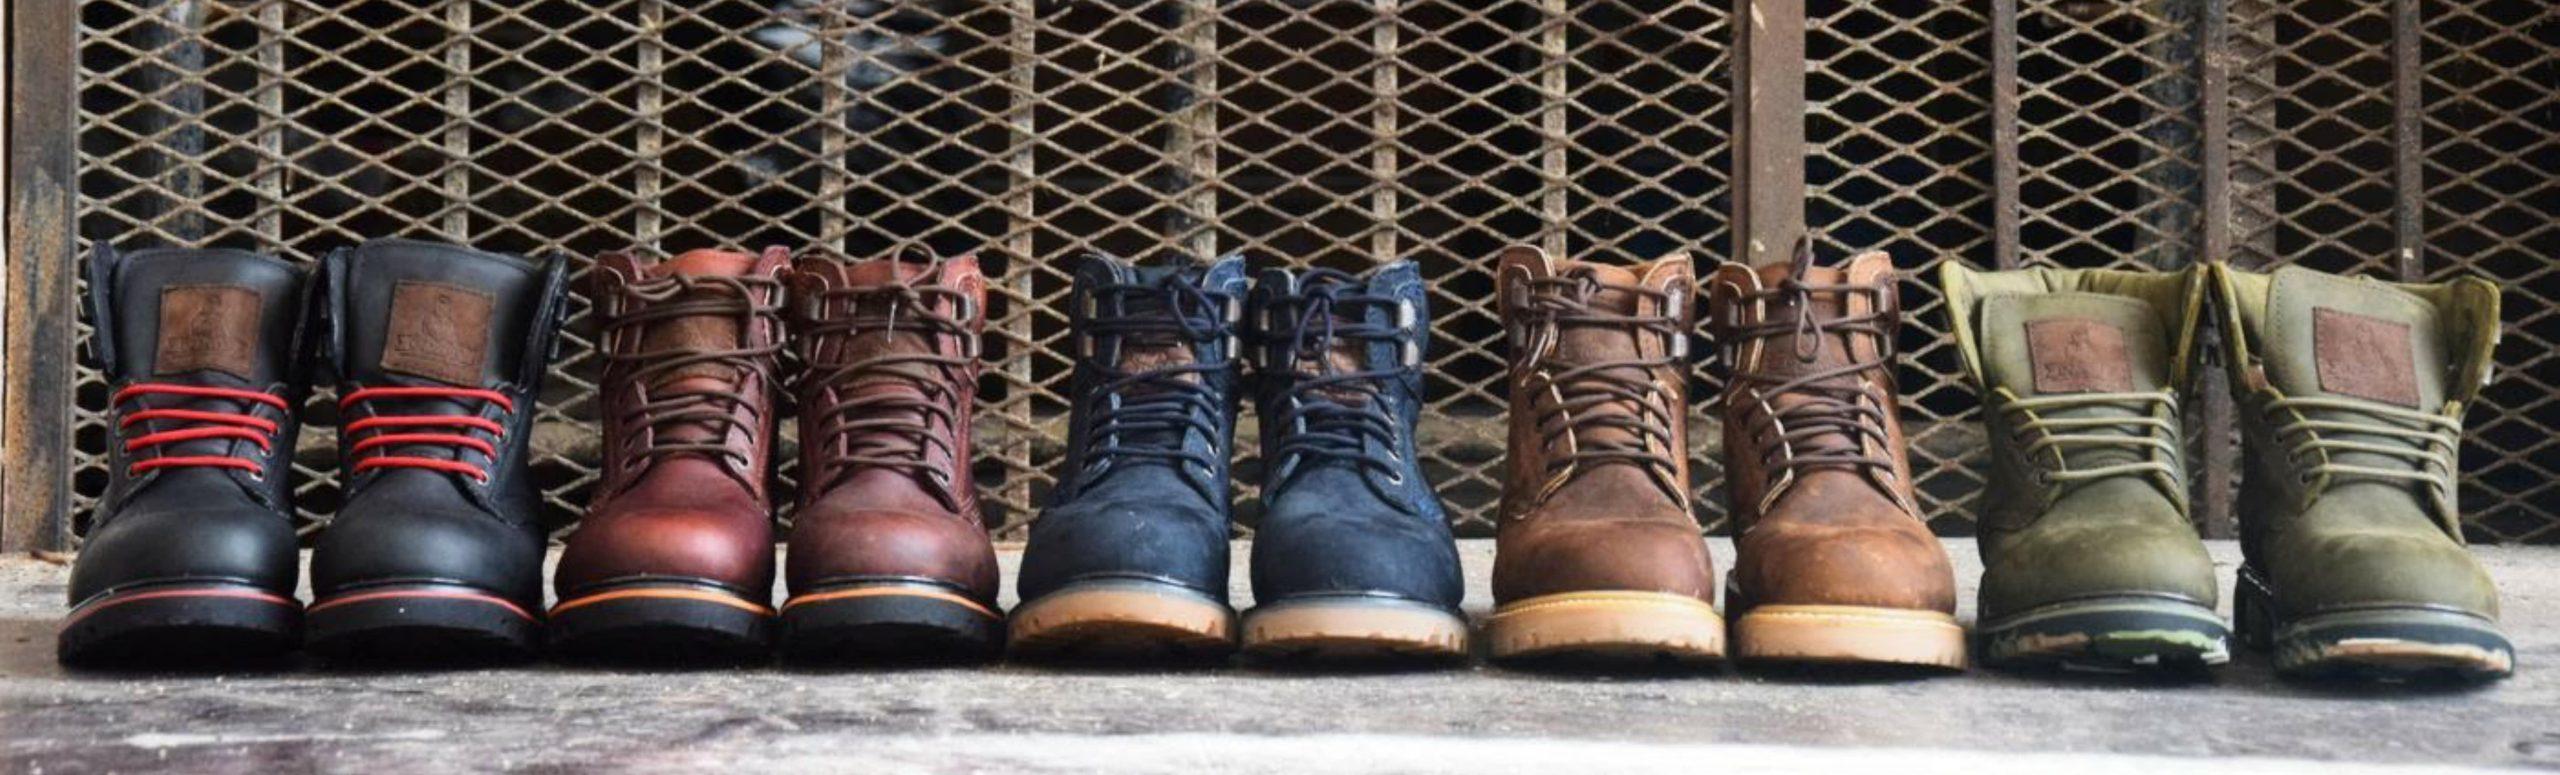 Diferencias entre zapatos de cueros y sintenticos en Mexico